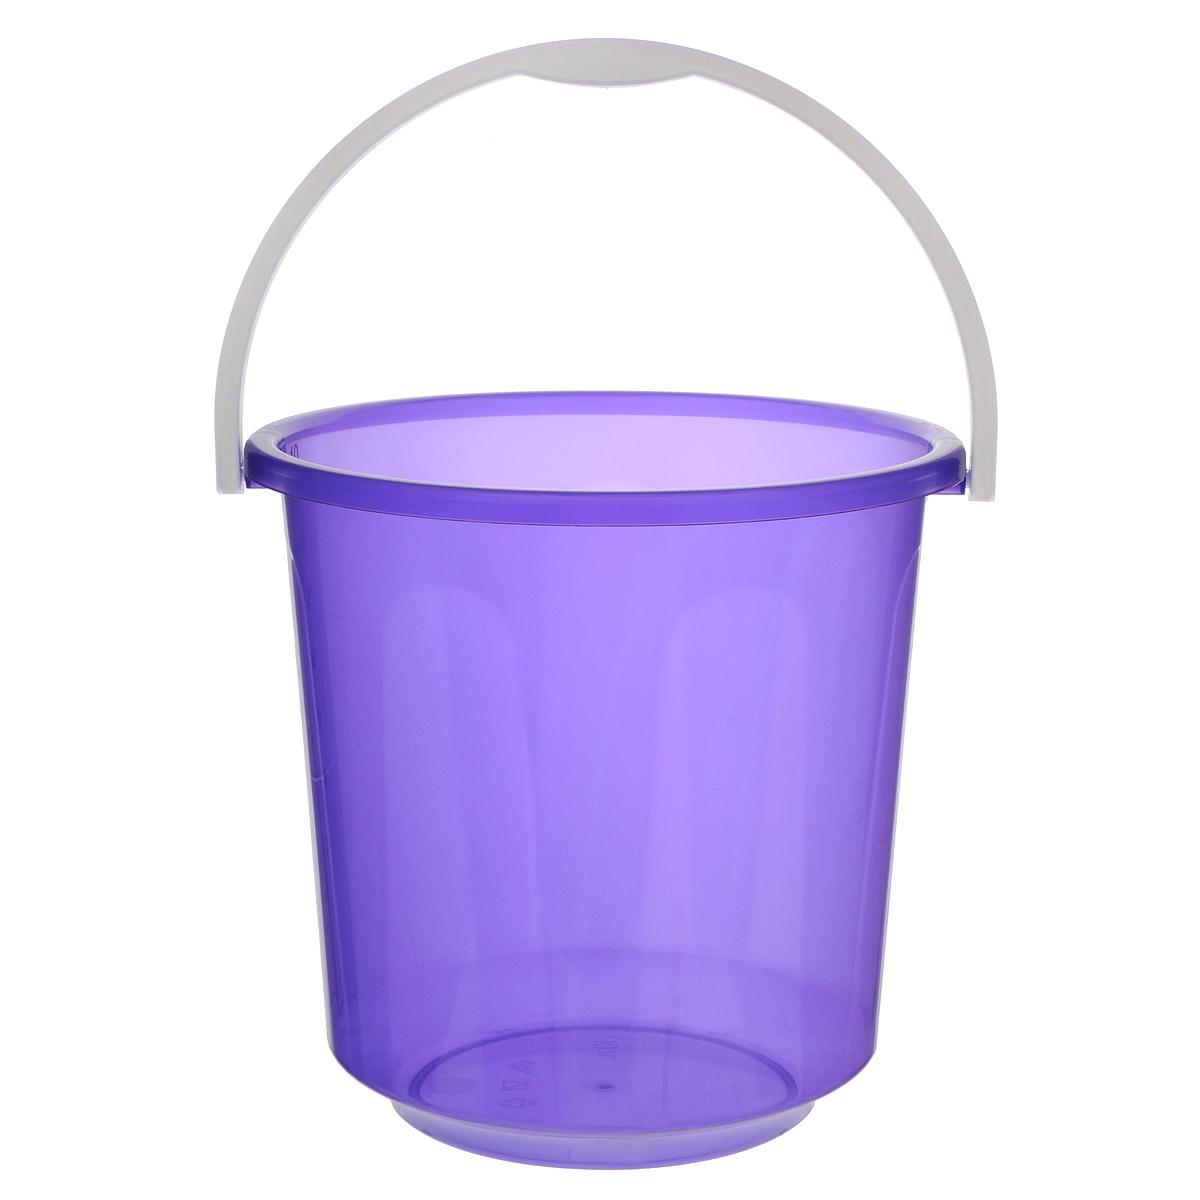 Ведро Альтернатива Хозяюшка, цвет: фиолетовый, 10 л787502Ведро Альтернатива Хозяюшка изготовлено из высококачественного пластика и оснащено отметками литража. Оно легче железного и не подвержено коррозии. Ведро имеет удобную пластиковую ручку. Такое ведро станет незаменимым помощником в хозяйстве. Идеально для хранения пищевых отходов.Диаметр: 27 см.Высота: 26 см.